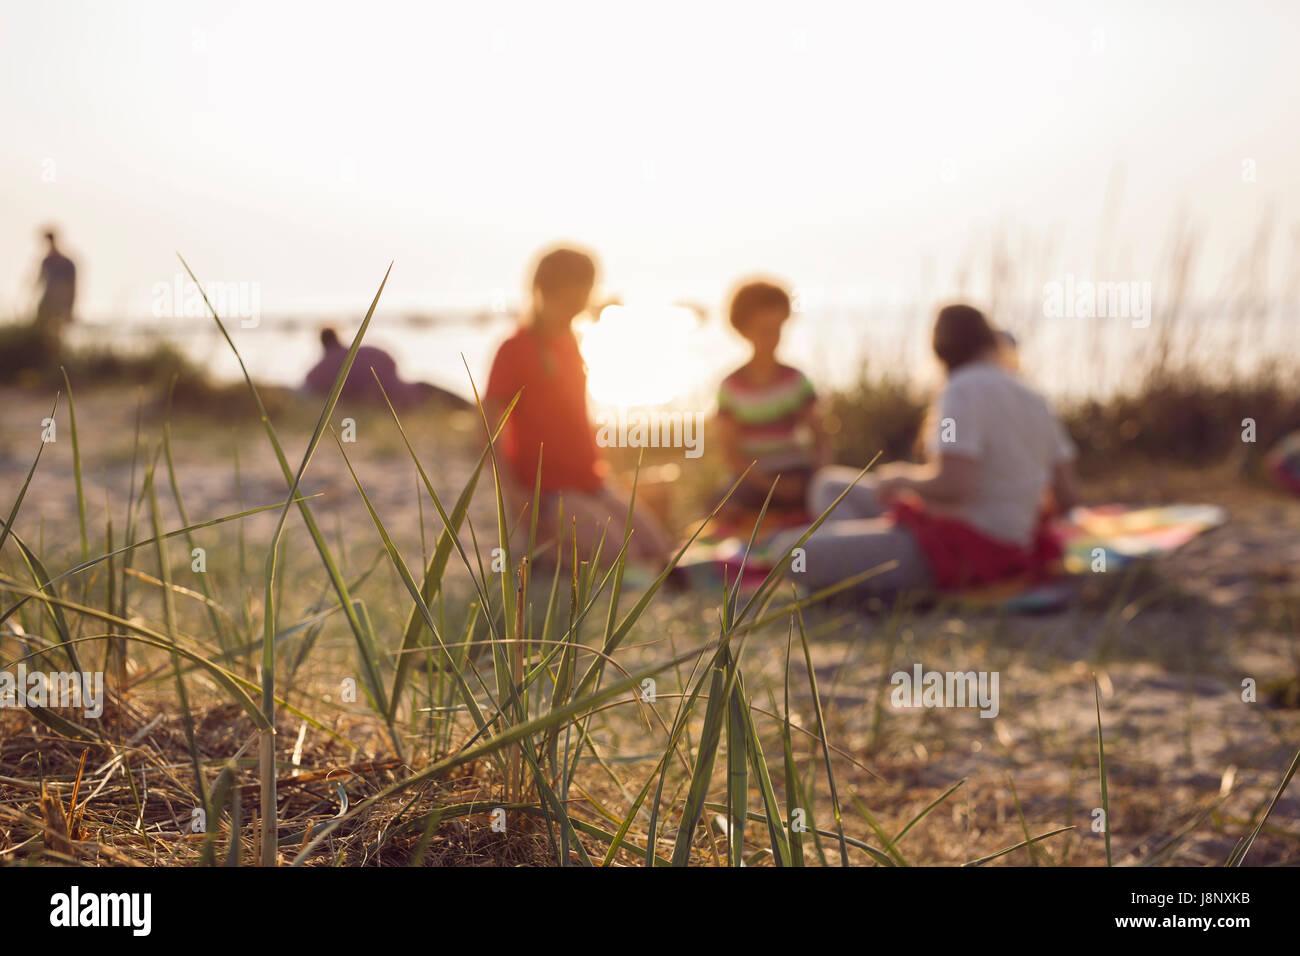 Le persone aventi picnic sulla spiaggia Foto Stock